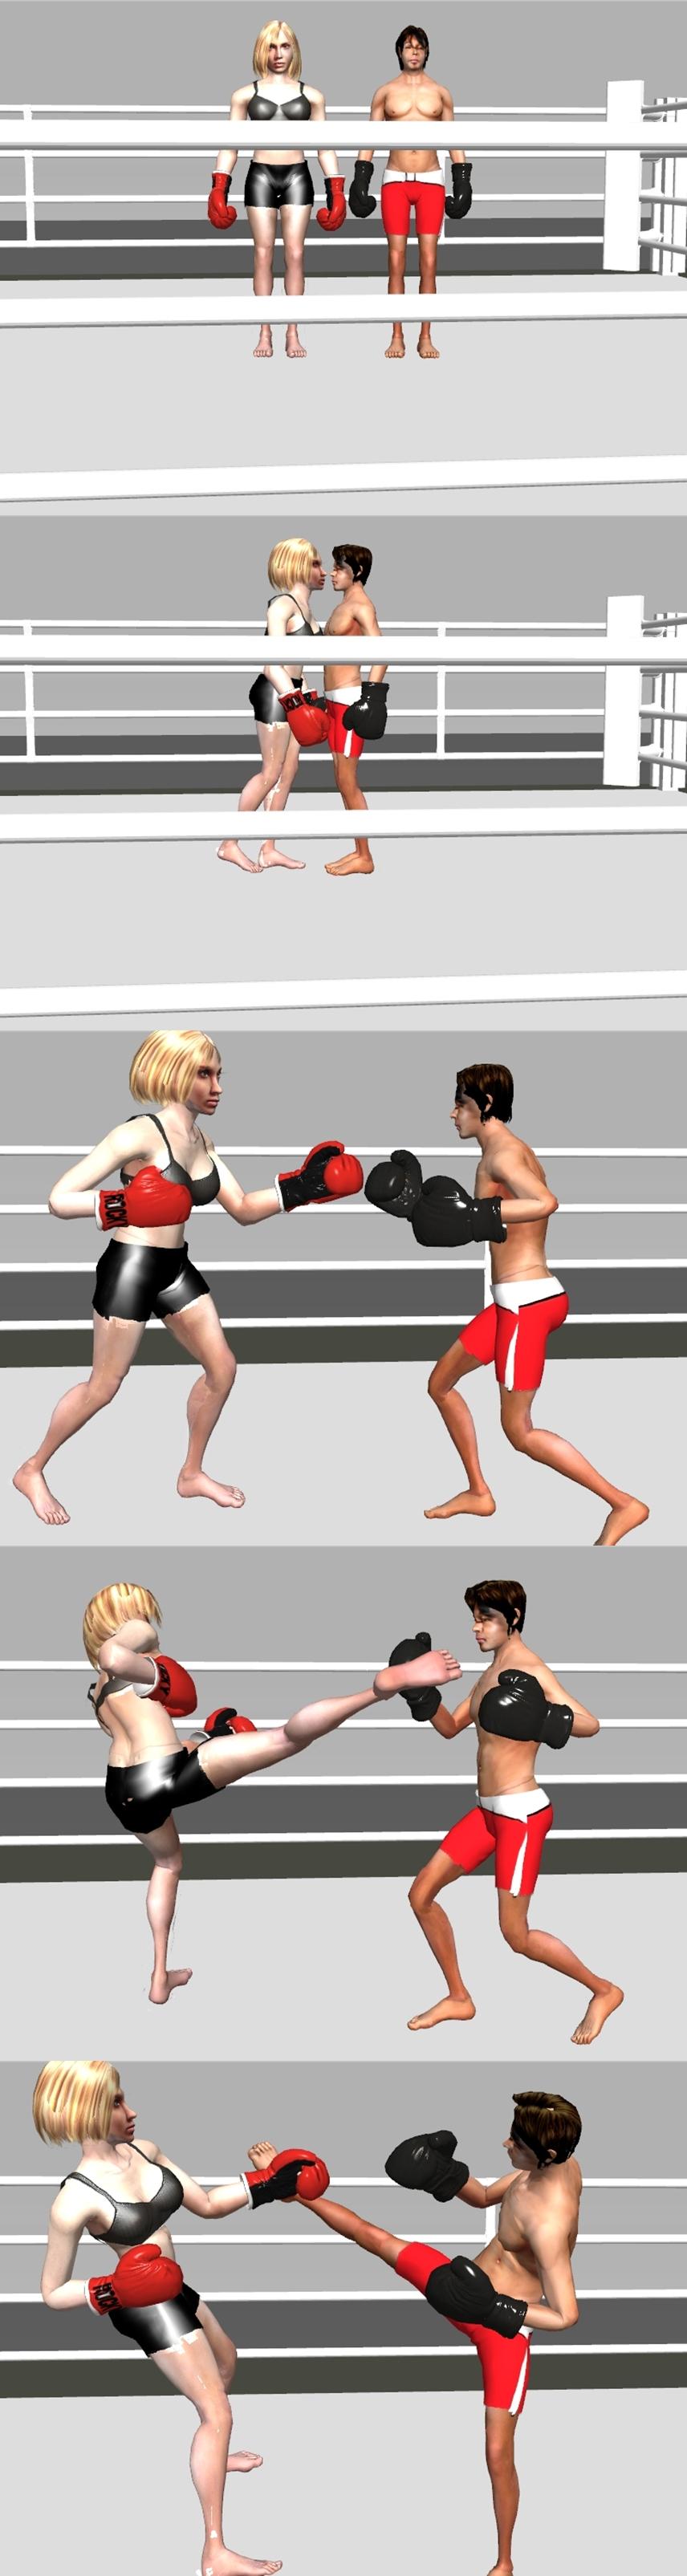 mixed boxing match